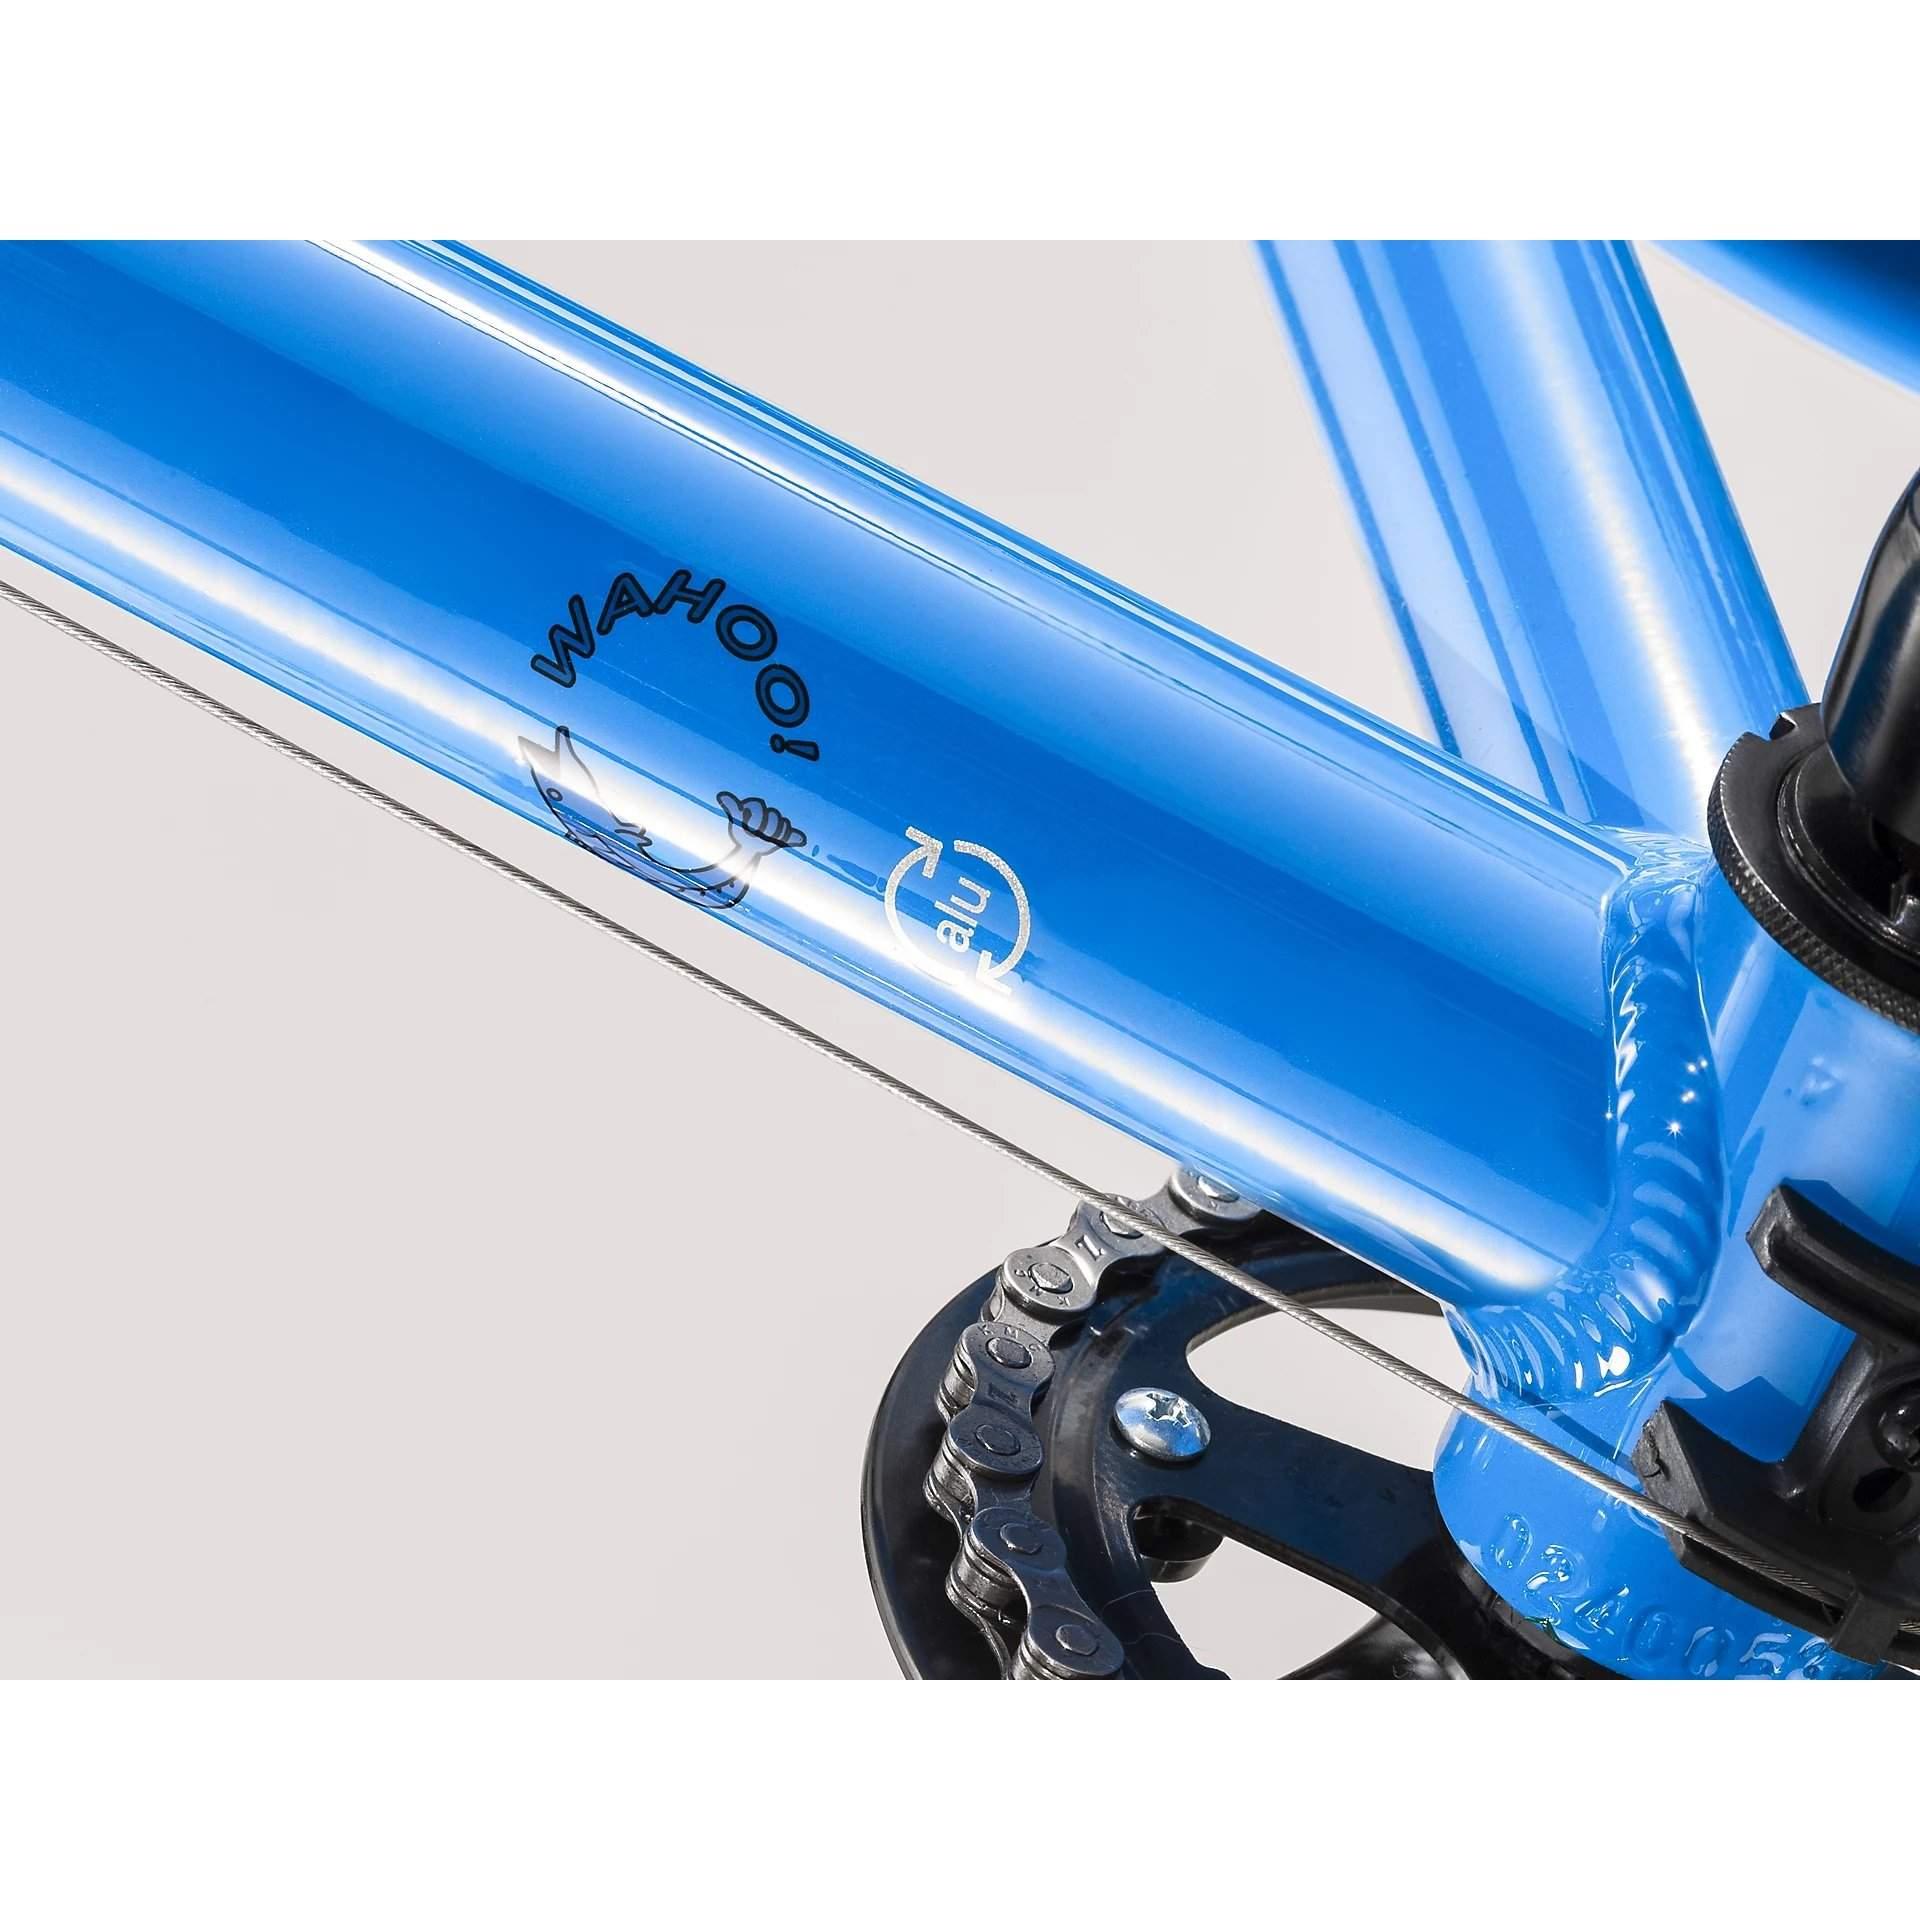 ROWER TREK WAHOO 24 WATERLOO BLUE QUICKSILVER 4